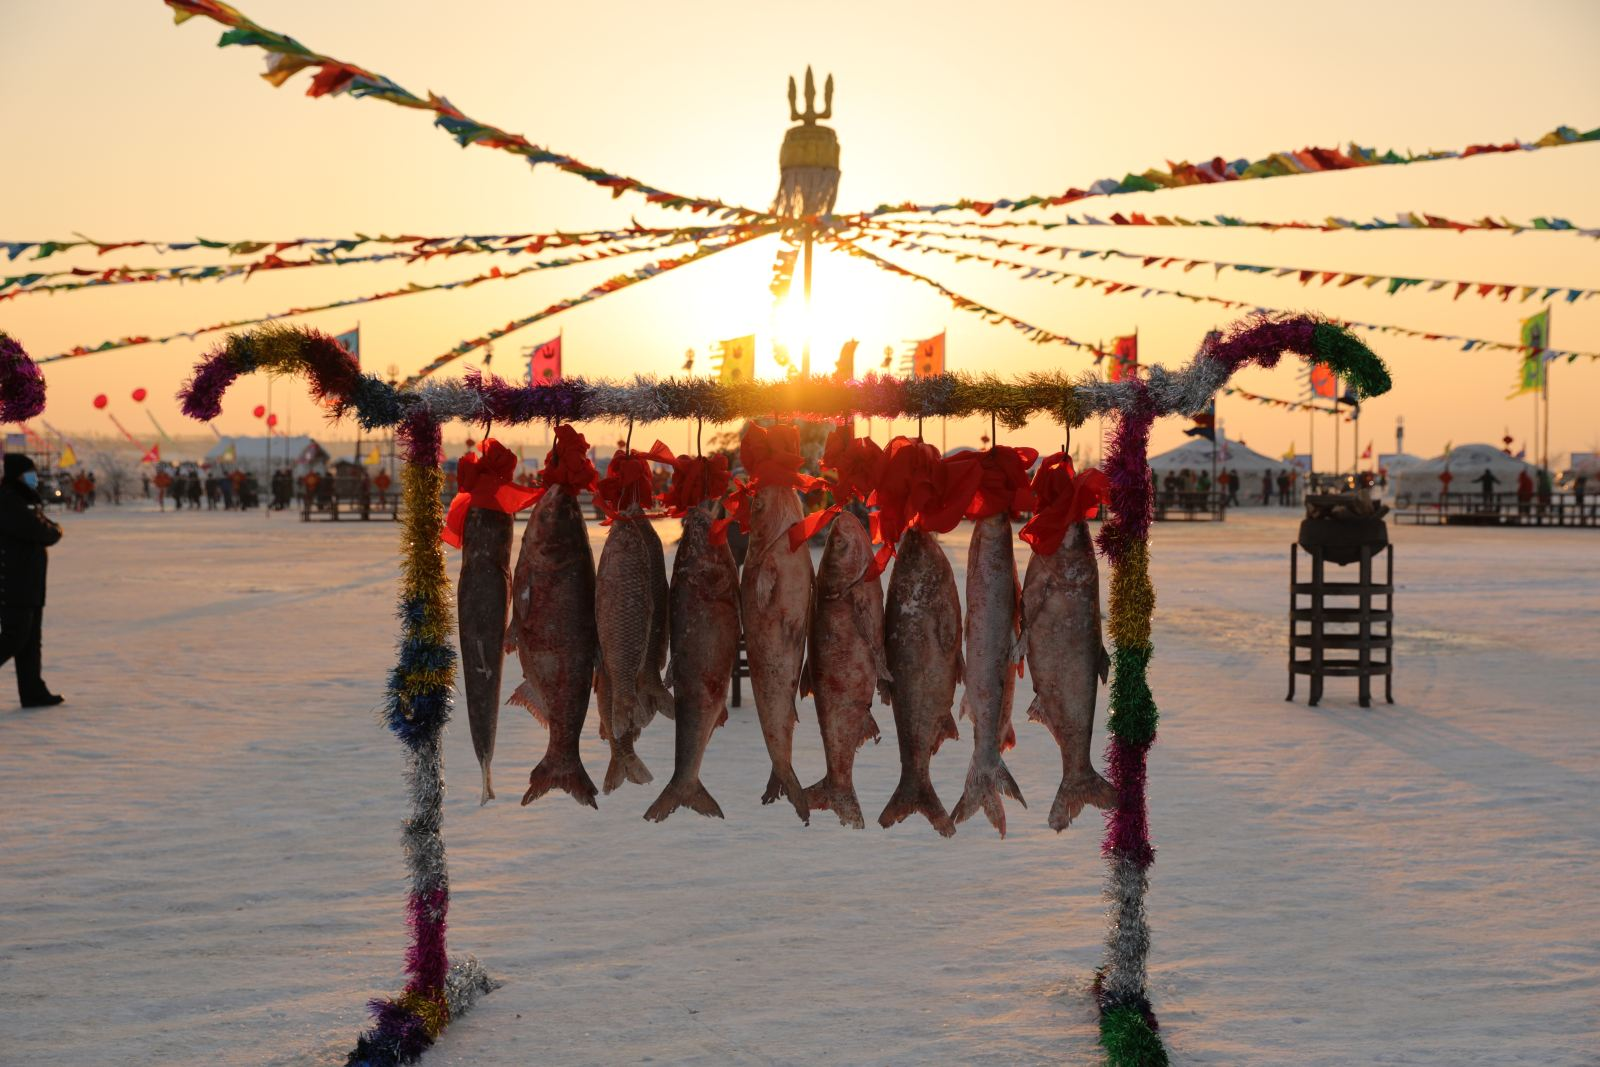 为传承这一古老的捕鱼方式,拉动旅游经济发展,查干湖旅游开发区每年